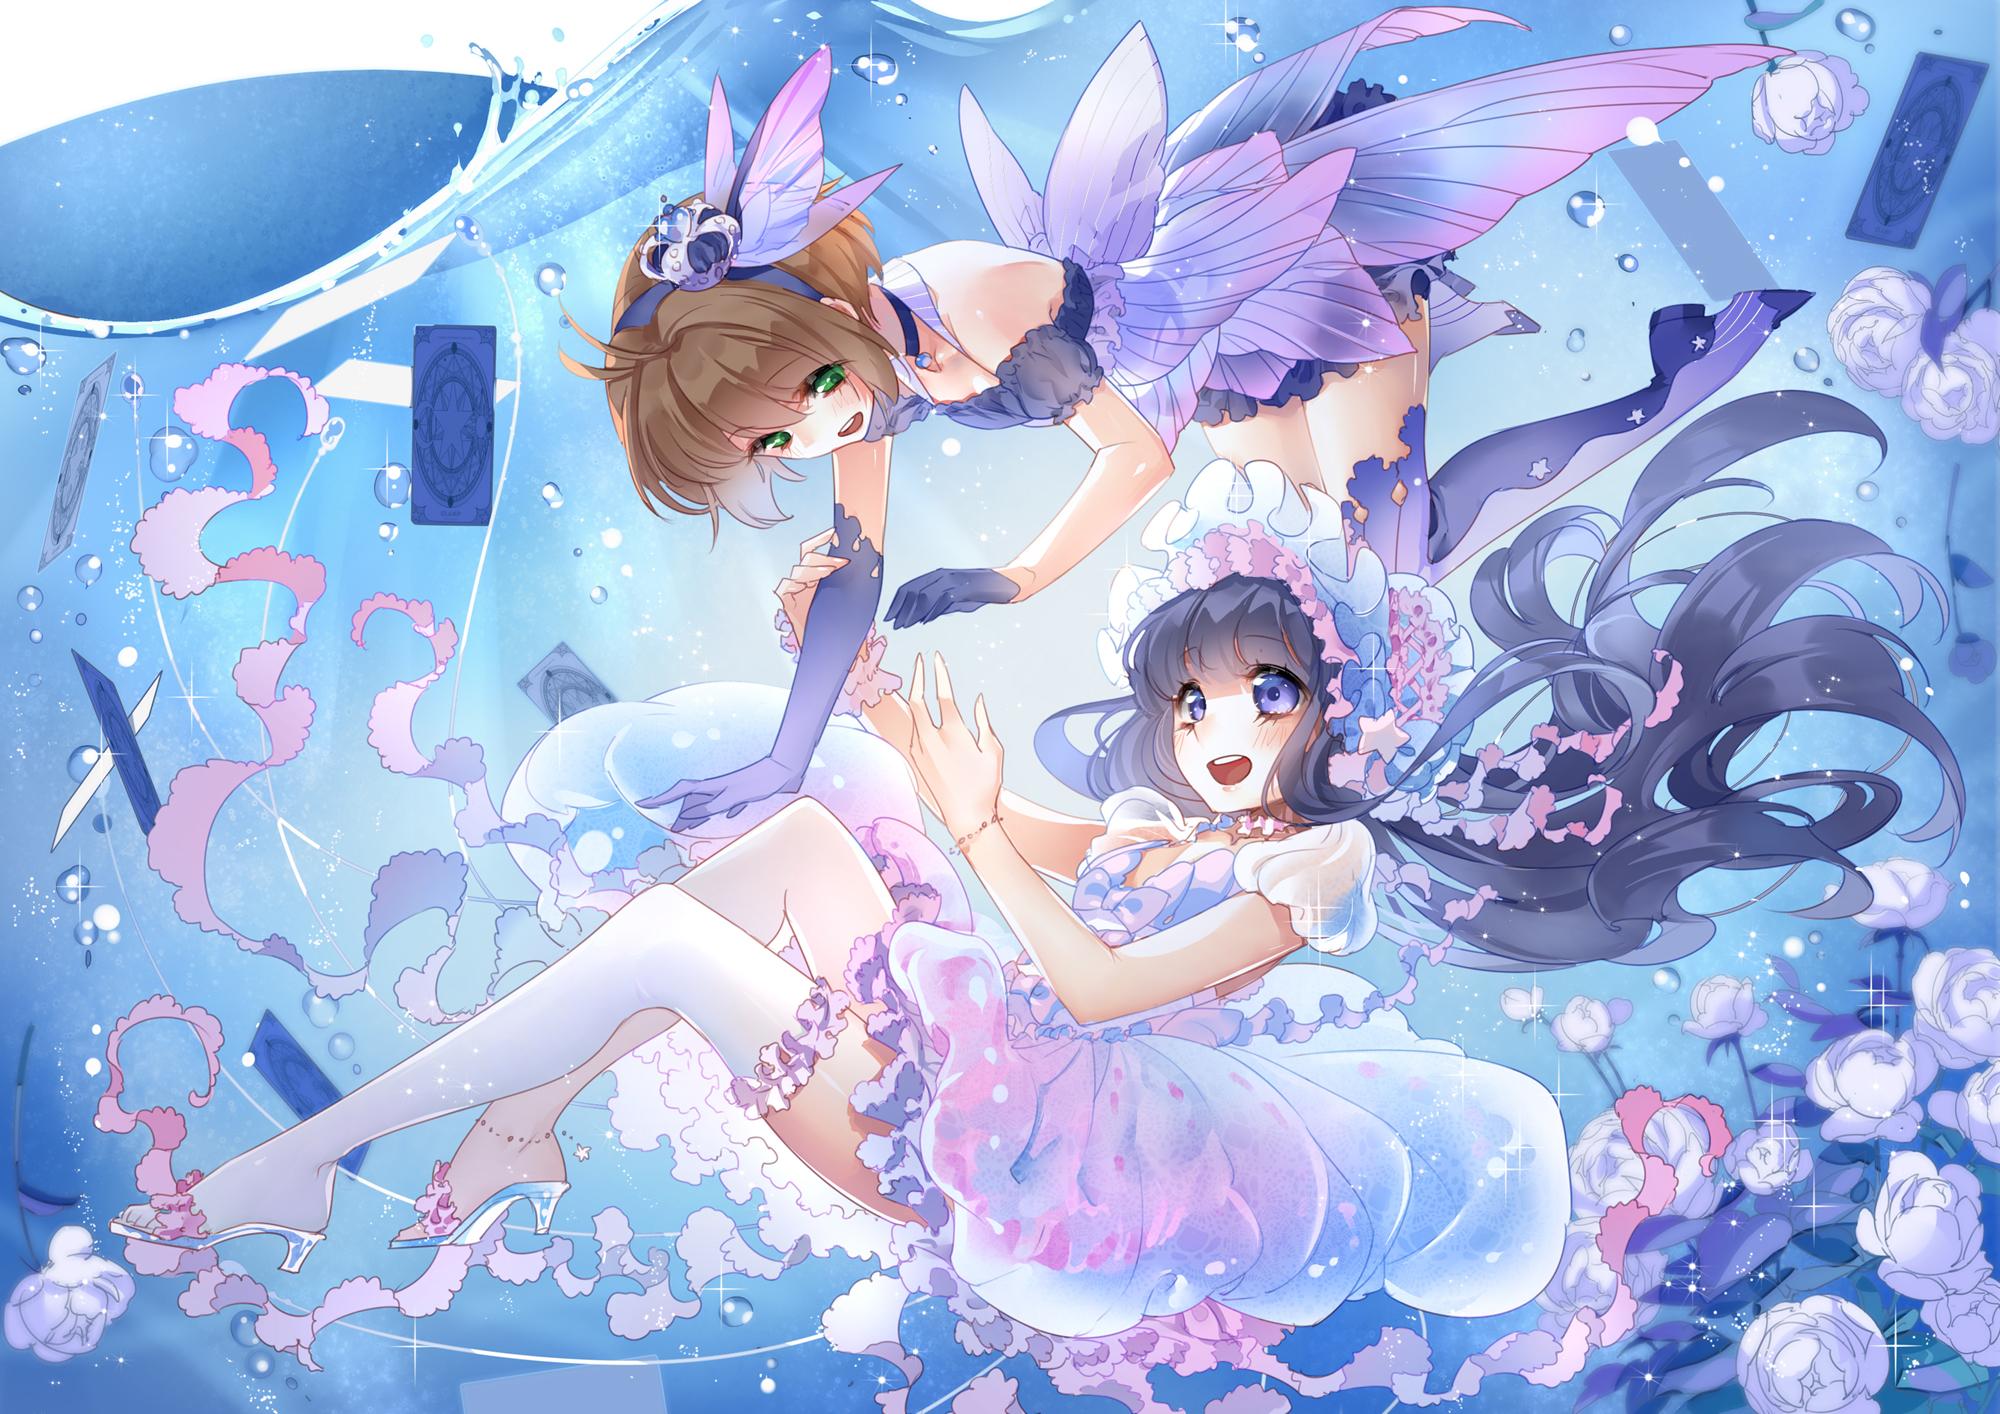 81 tomoyo daidouji hd wallpapers background images - Cardcaptor sakura wallpaper ...